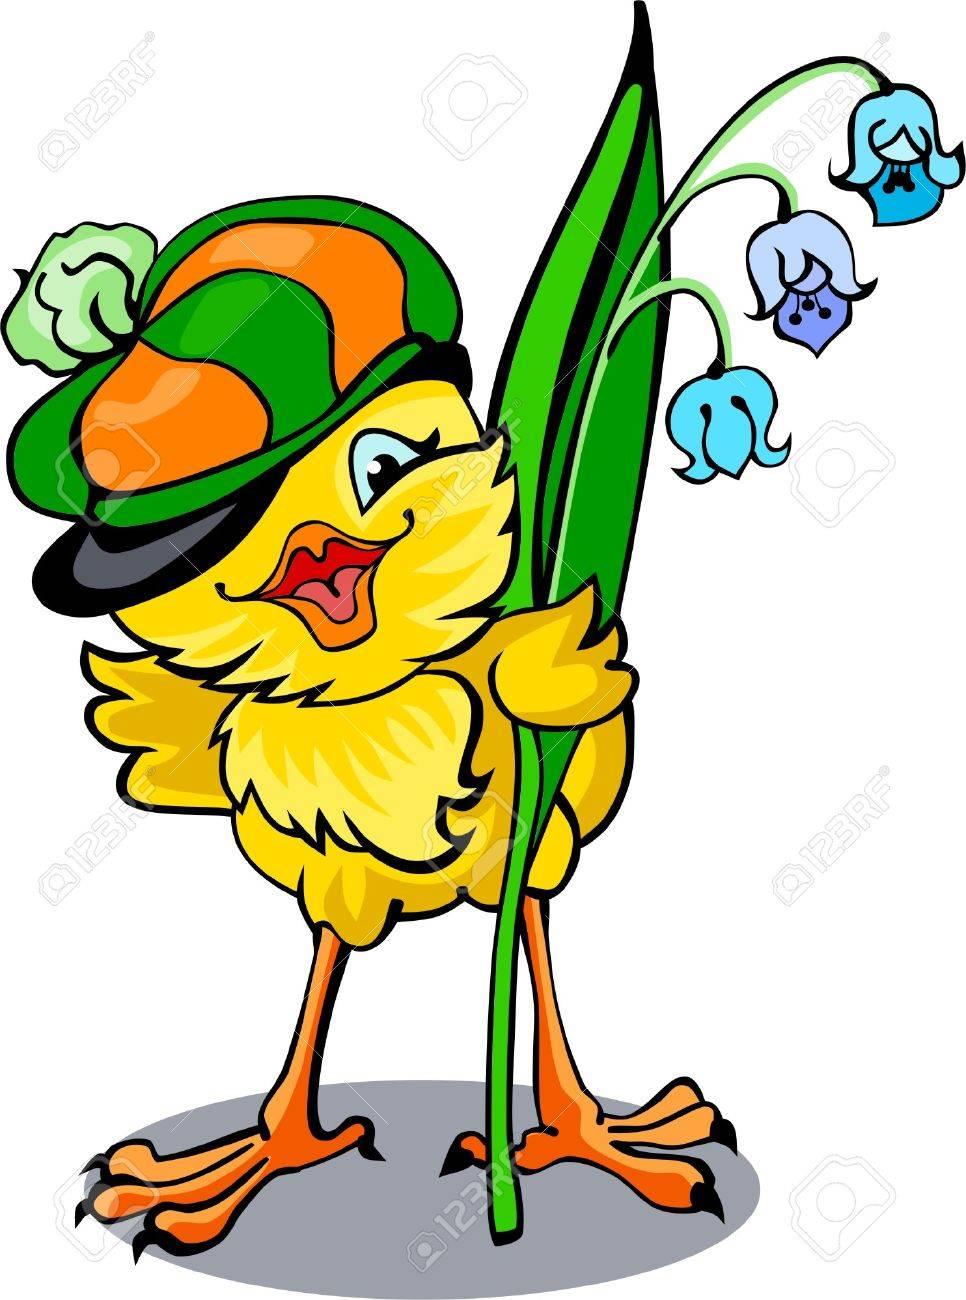 Cute merry chicken in peaked cap Stock Vector - 4521553